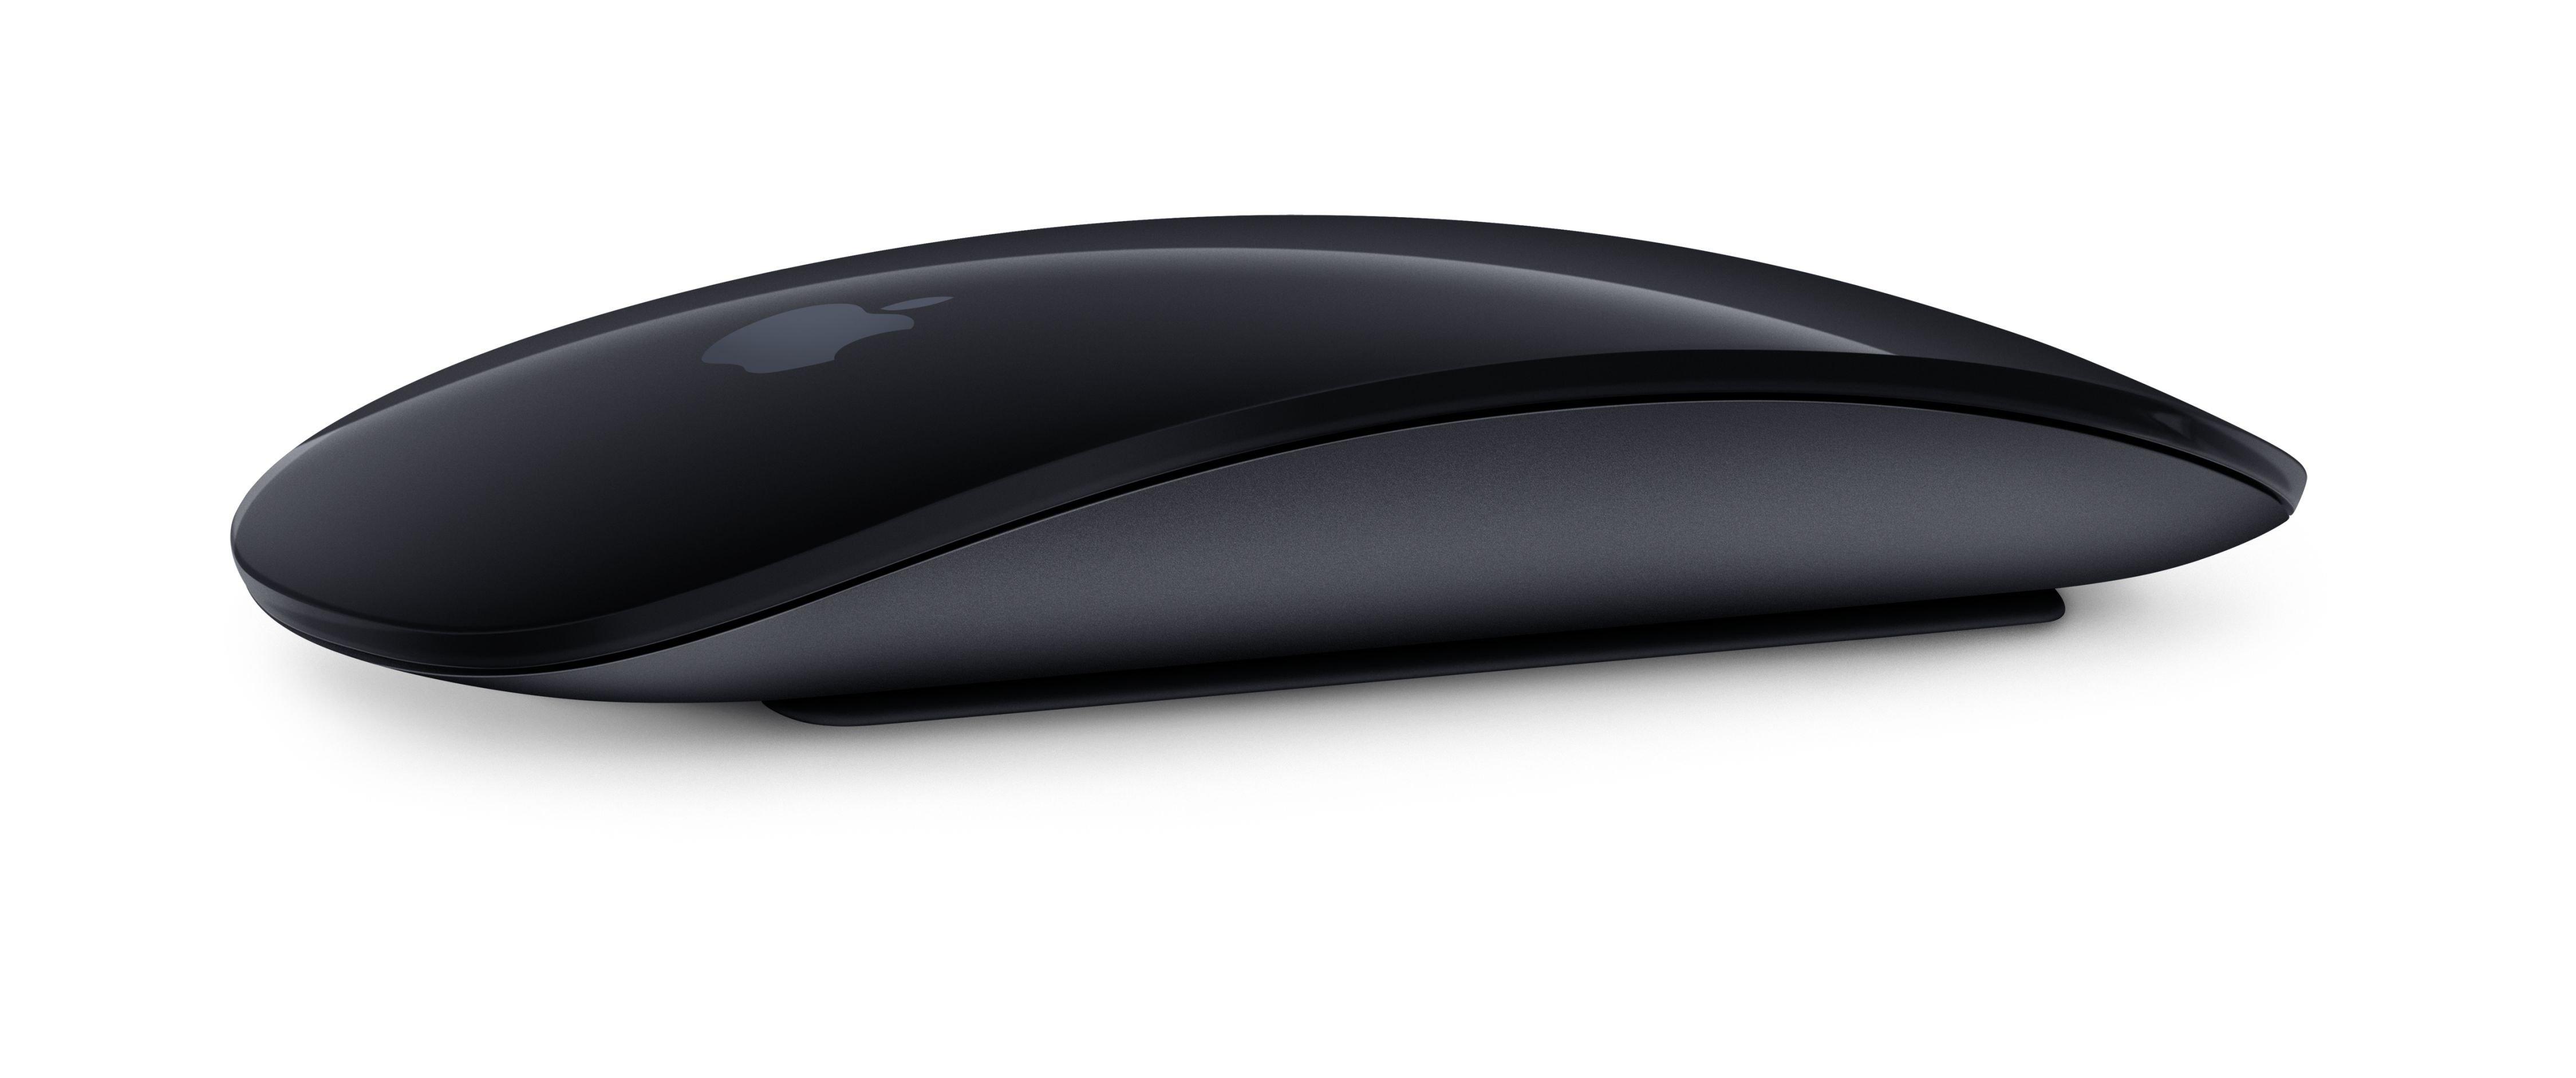 Apple Magic Mouse 2 »Space Gray« voordelig en veilig online kopen